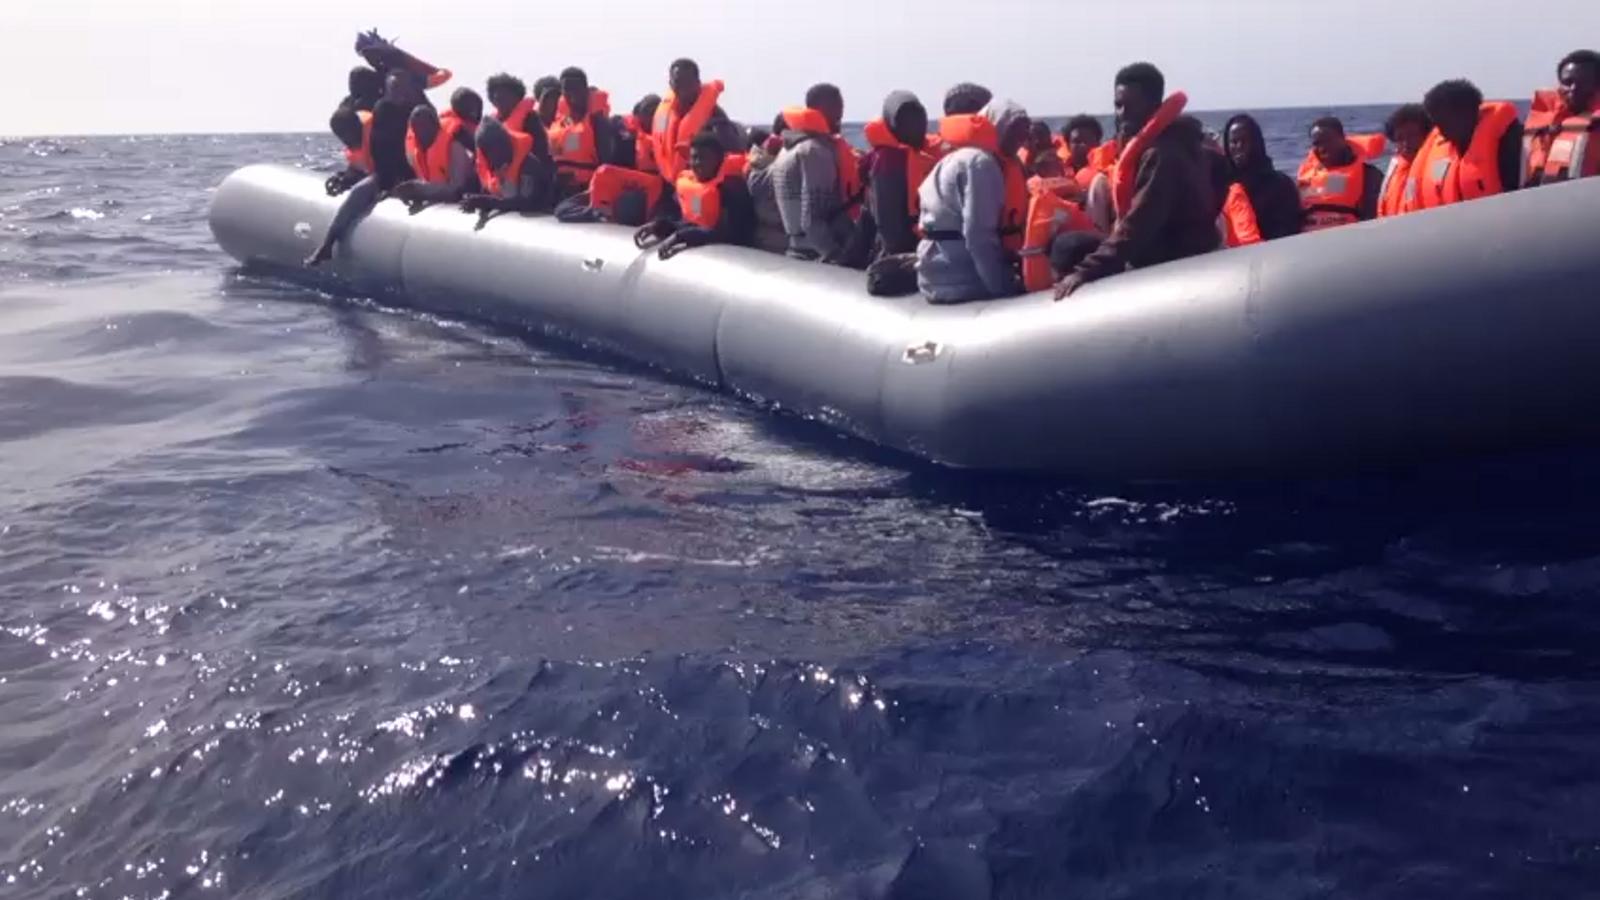 Els voluntaris d'Open Arms s'apropen a una barcassa a la deriva per efectuar un rescat